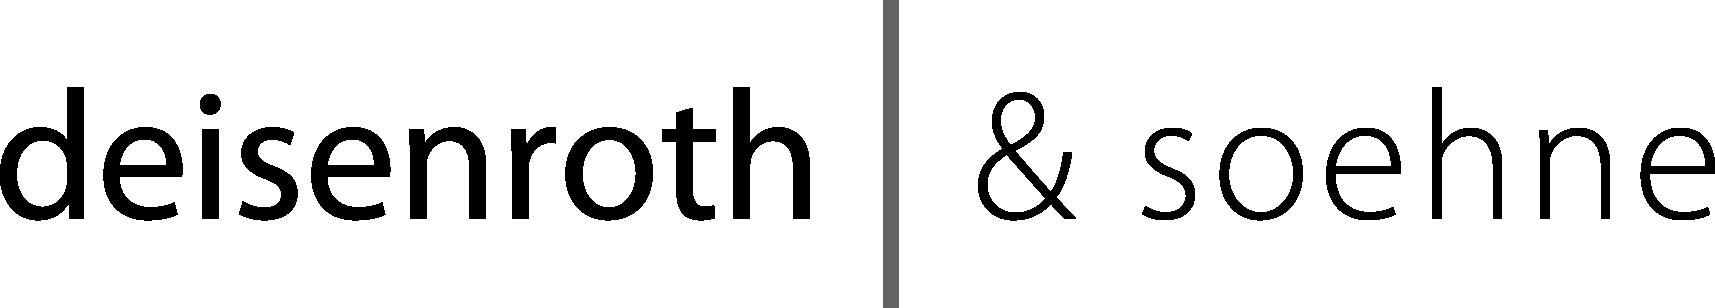 deisenroth & soehne